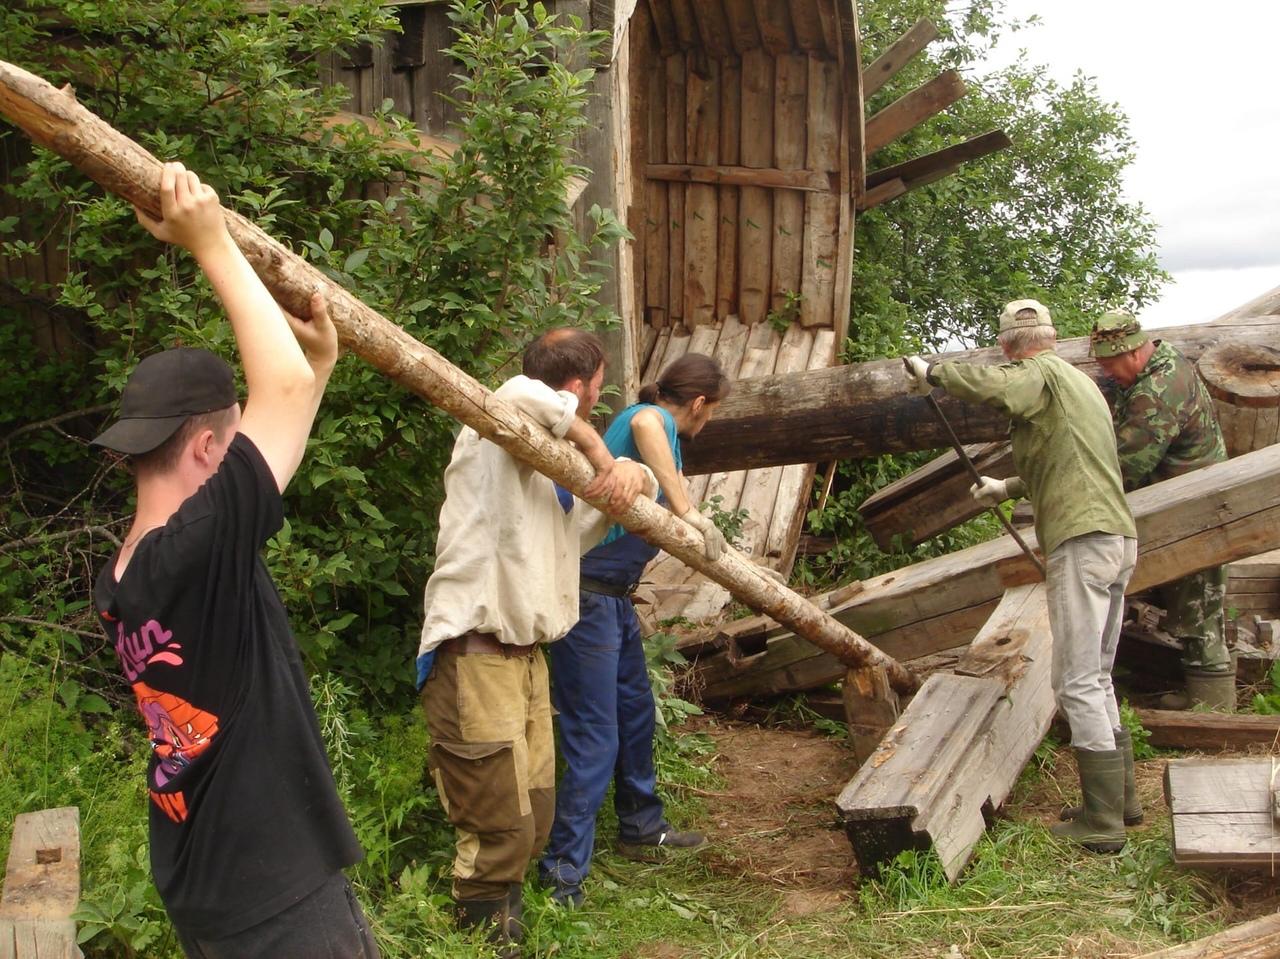 Общественники начали транспортировку разрушенной ветряной мельницы в Киров